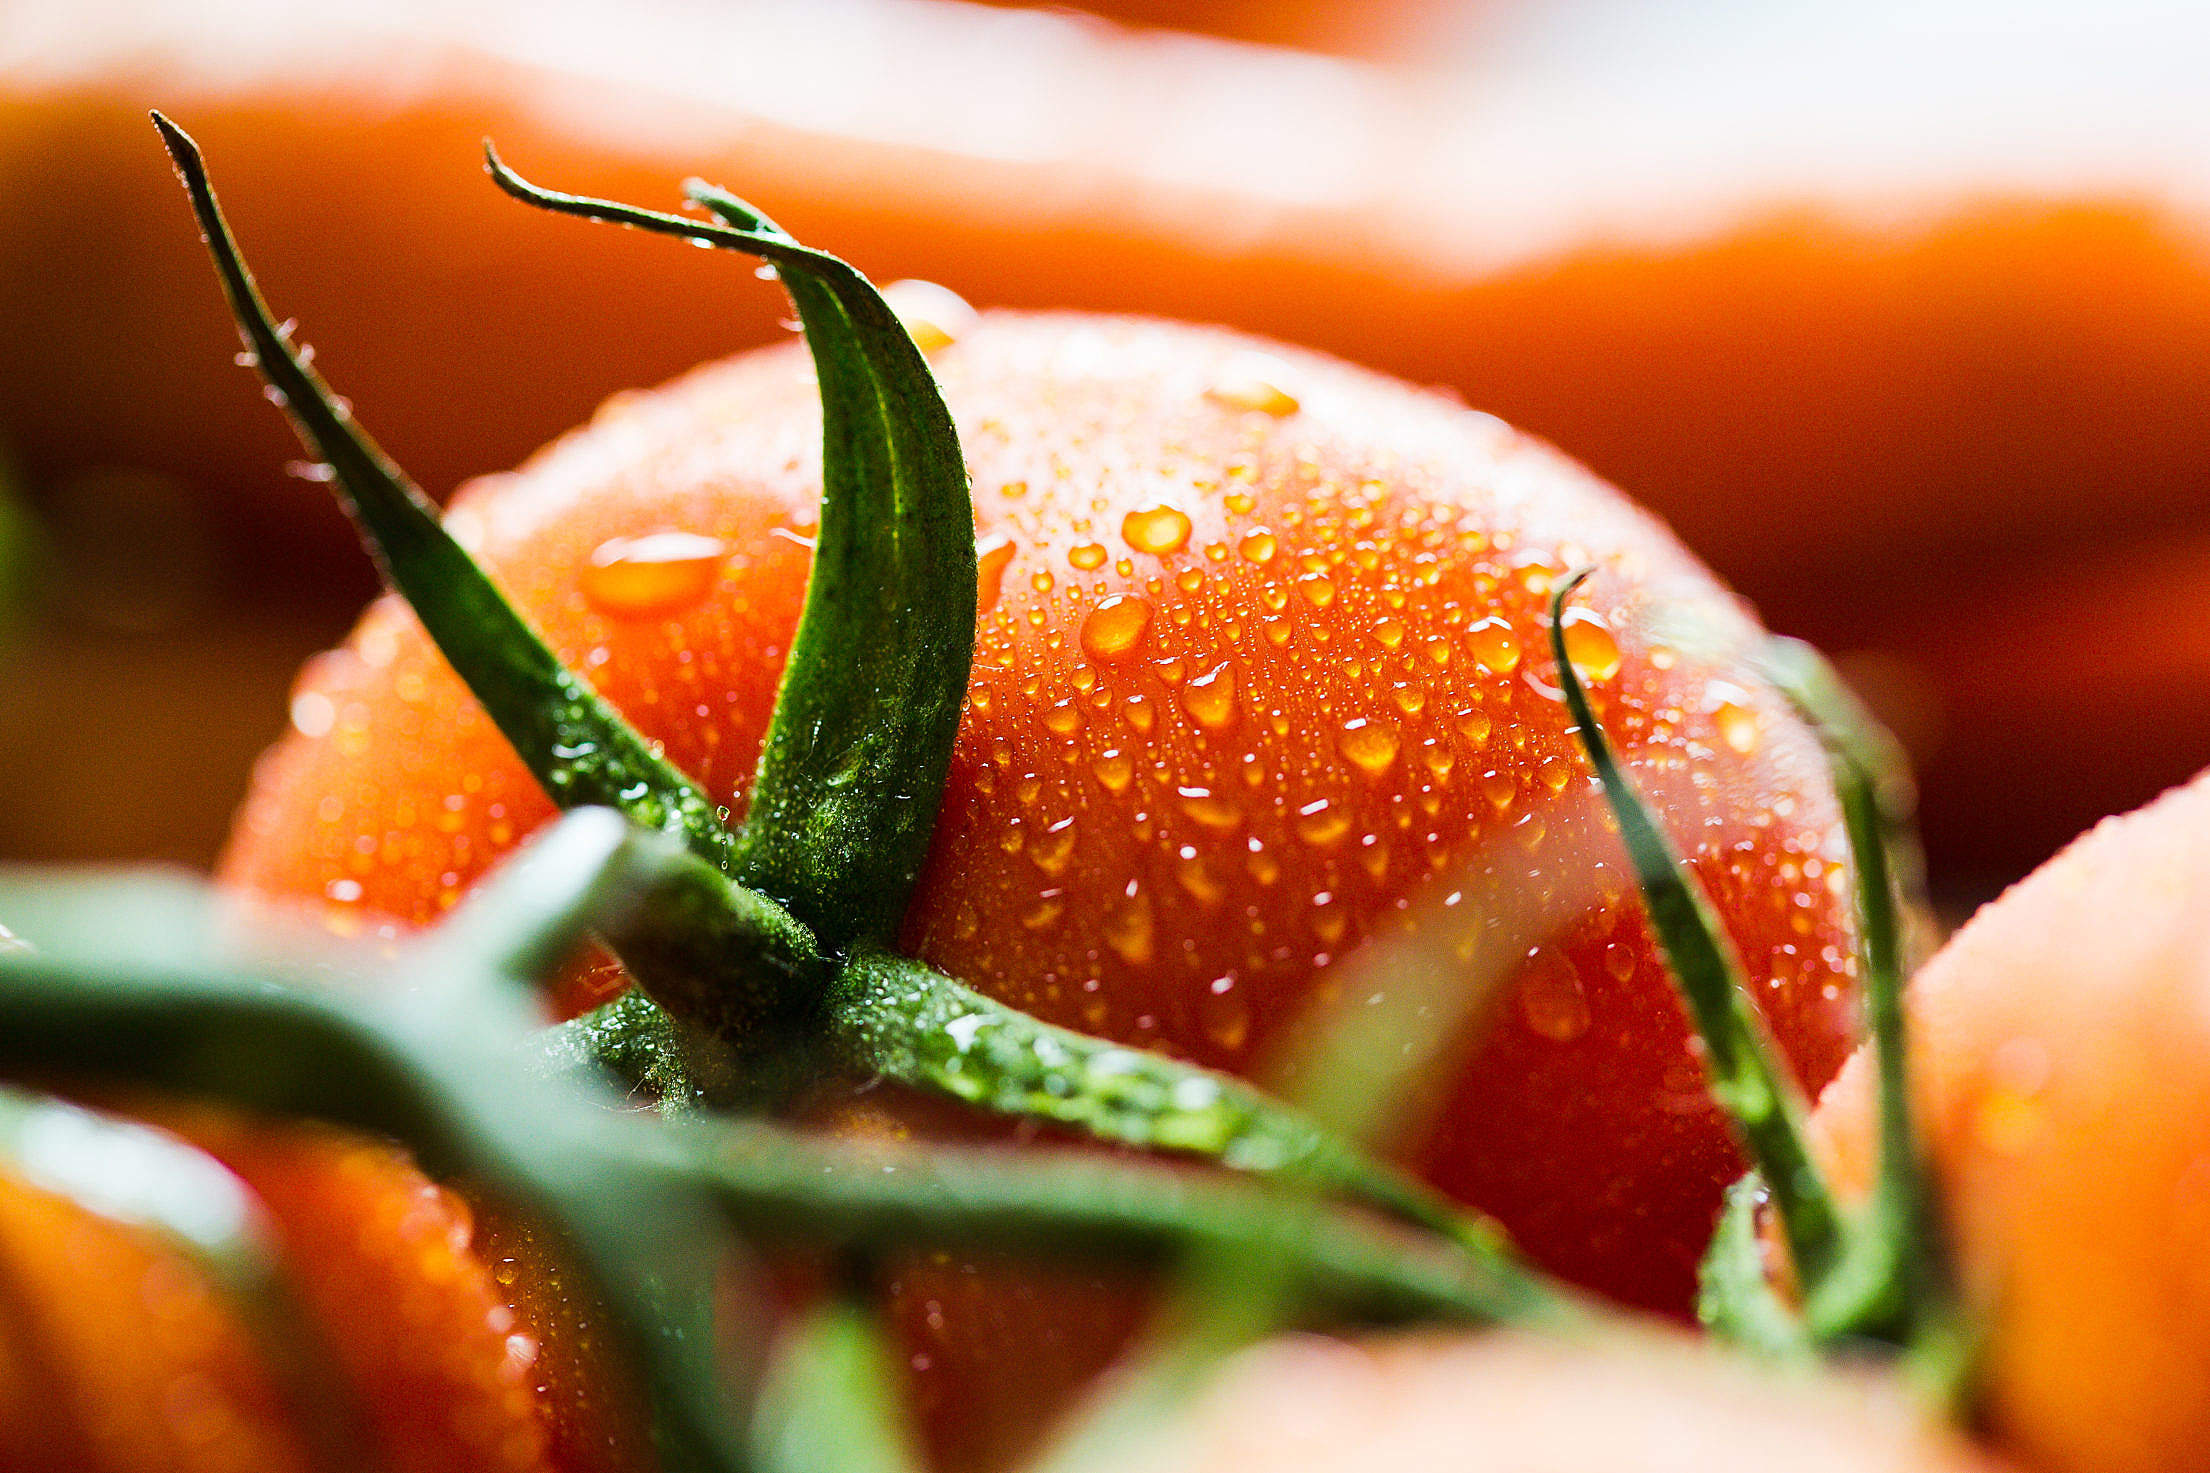 La sostenibilidad marca el ritmo en las innovaciones de alimentos y bebidas